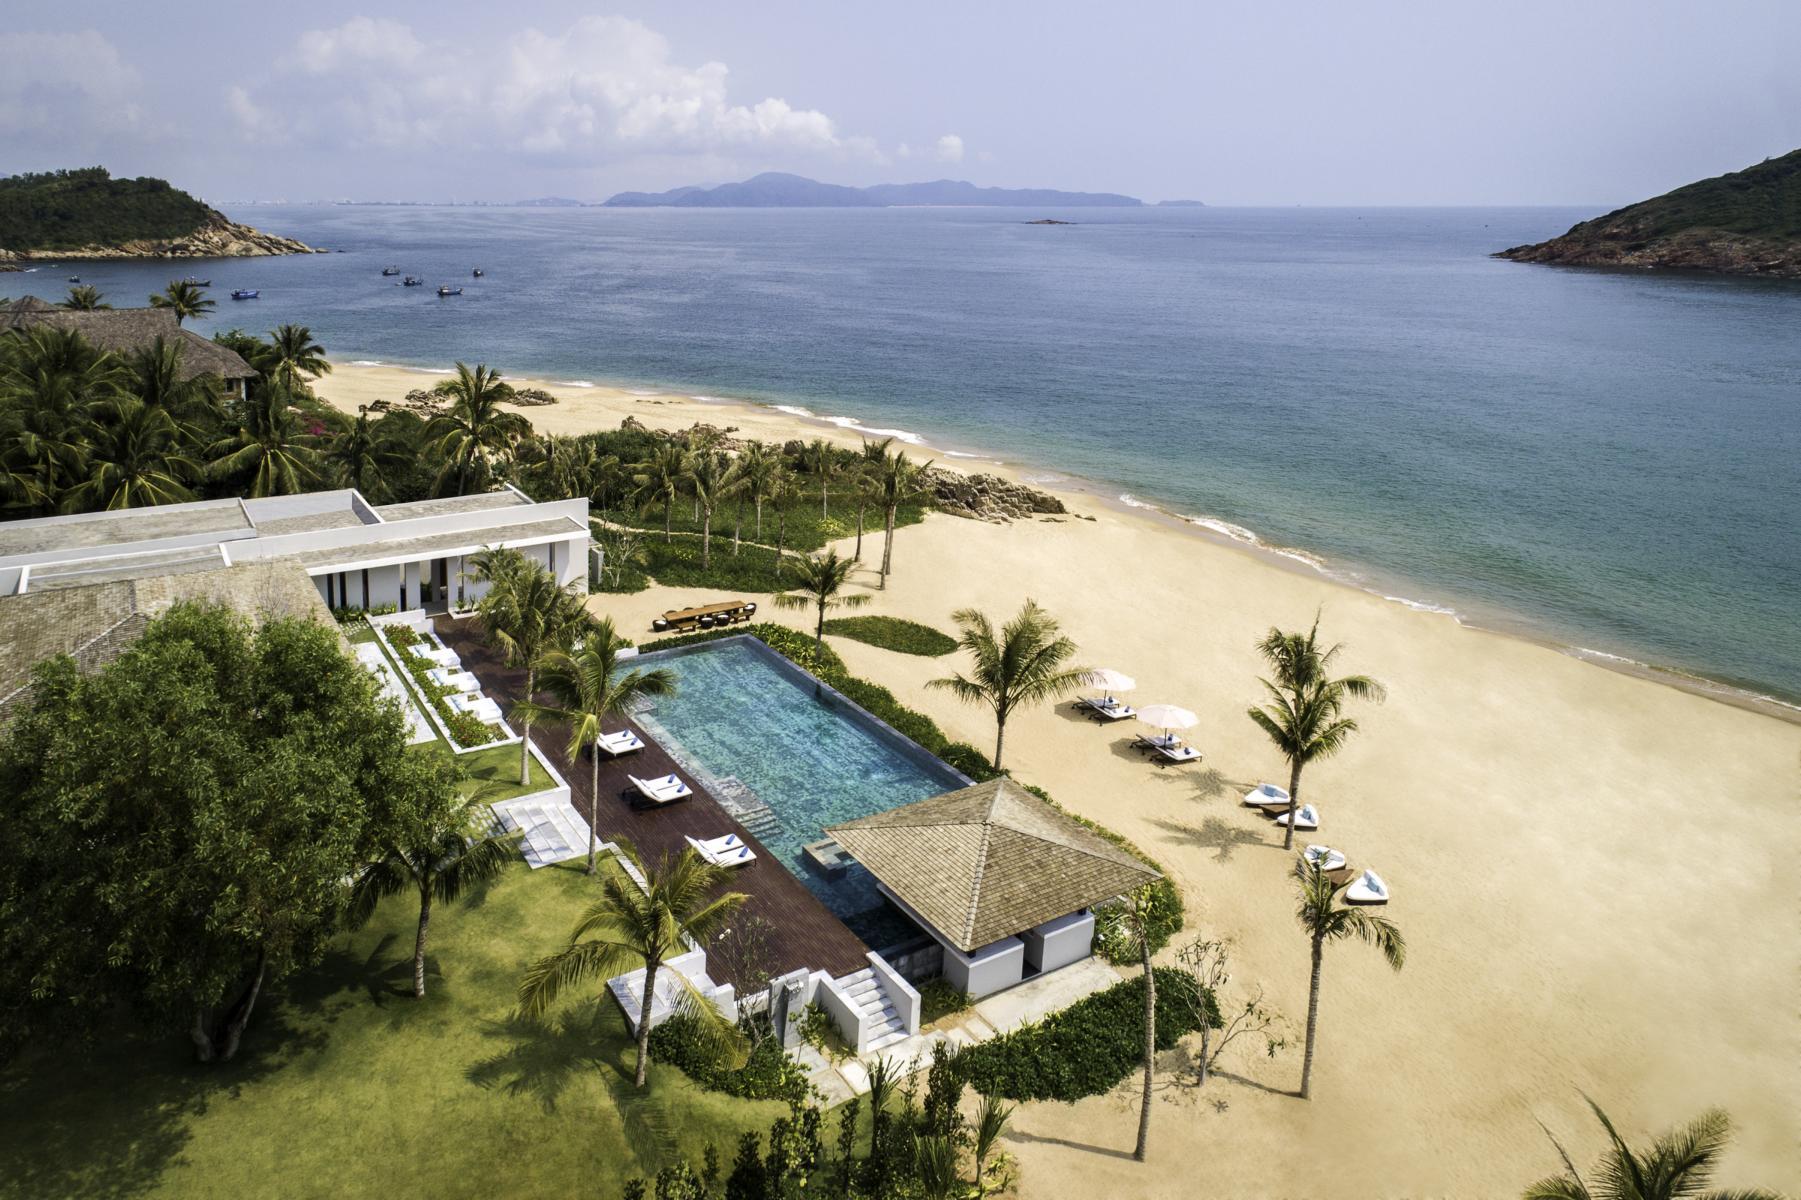 Blick auf den Pool, den Strand und das Meer in den Anantara Villas Quy Nhon in Vietnam